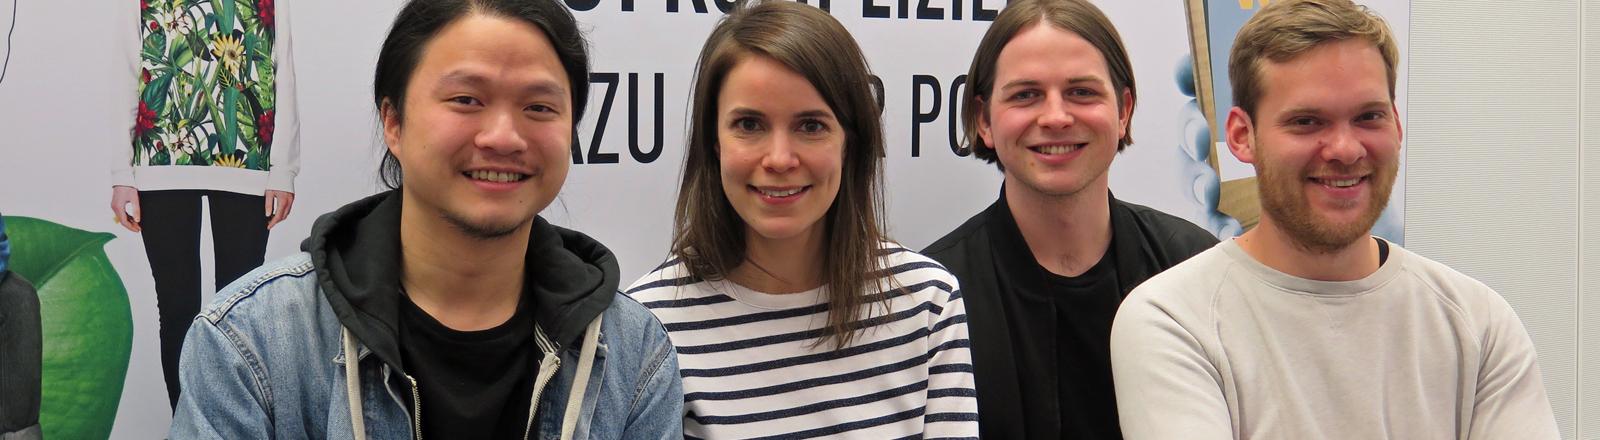 DRadio-Wissen-Moderatorin Kaline Thyroff mit der Band  Woman.